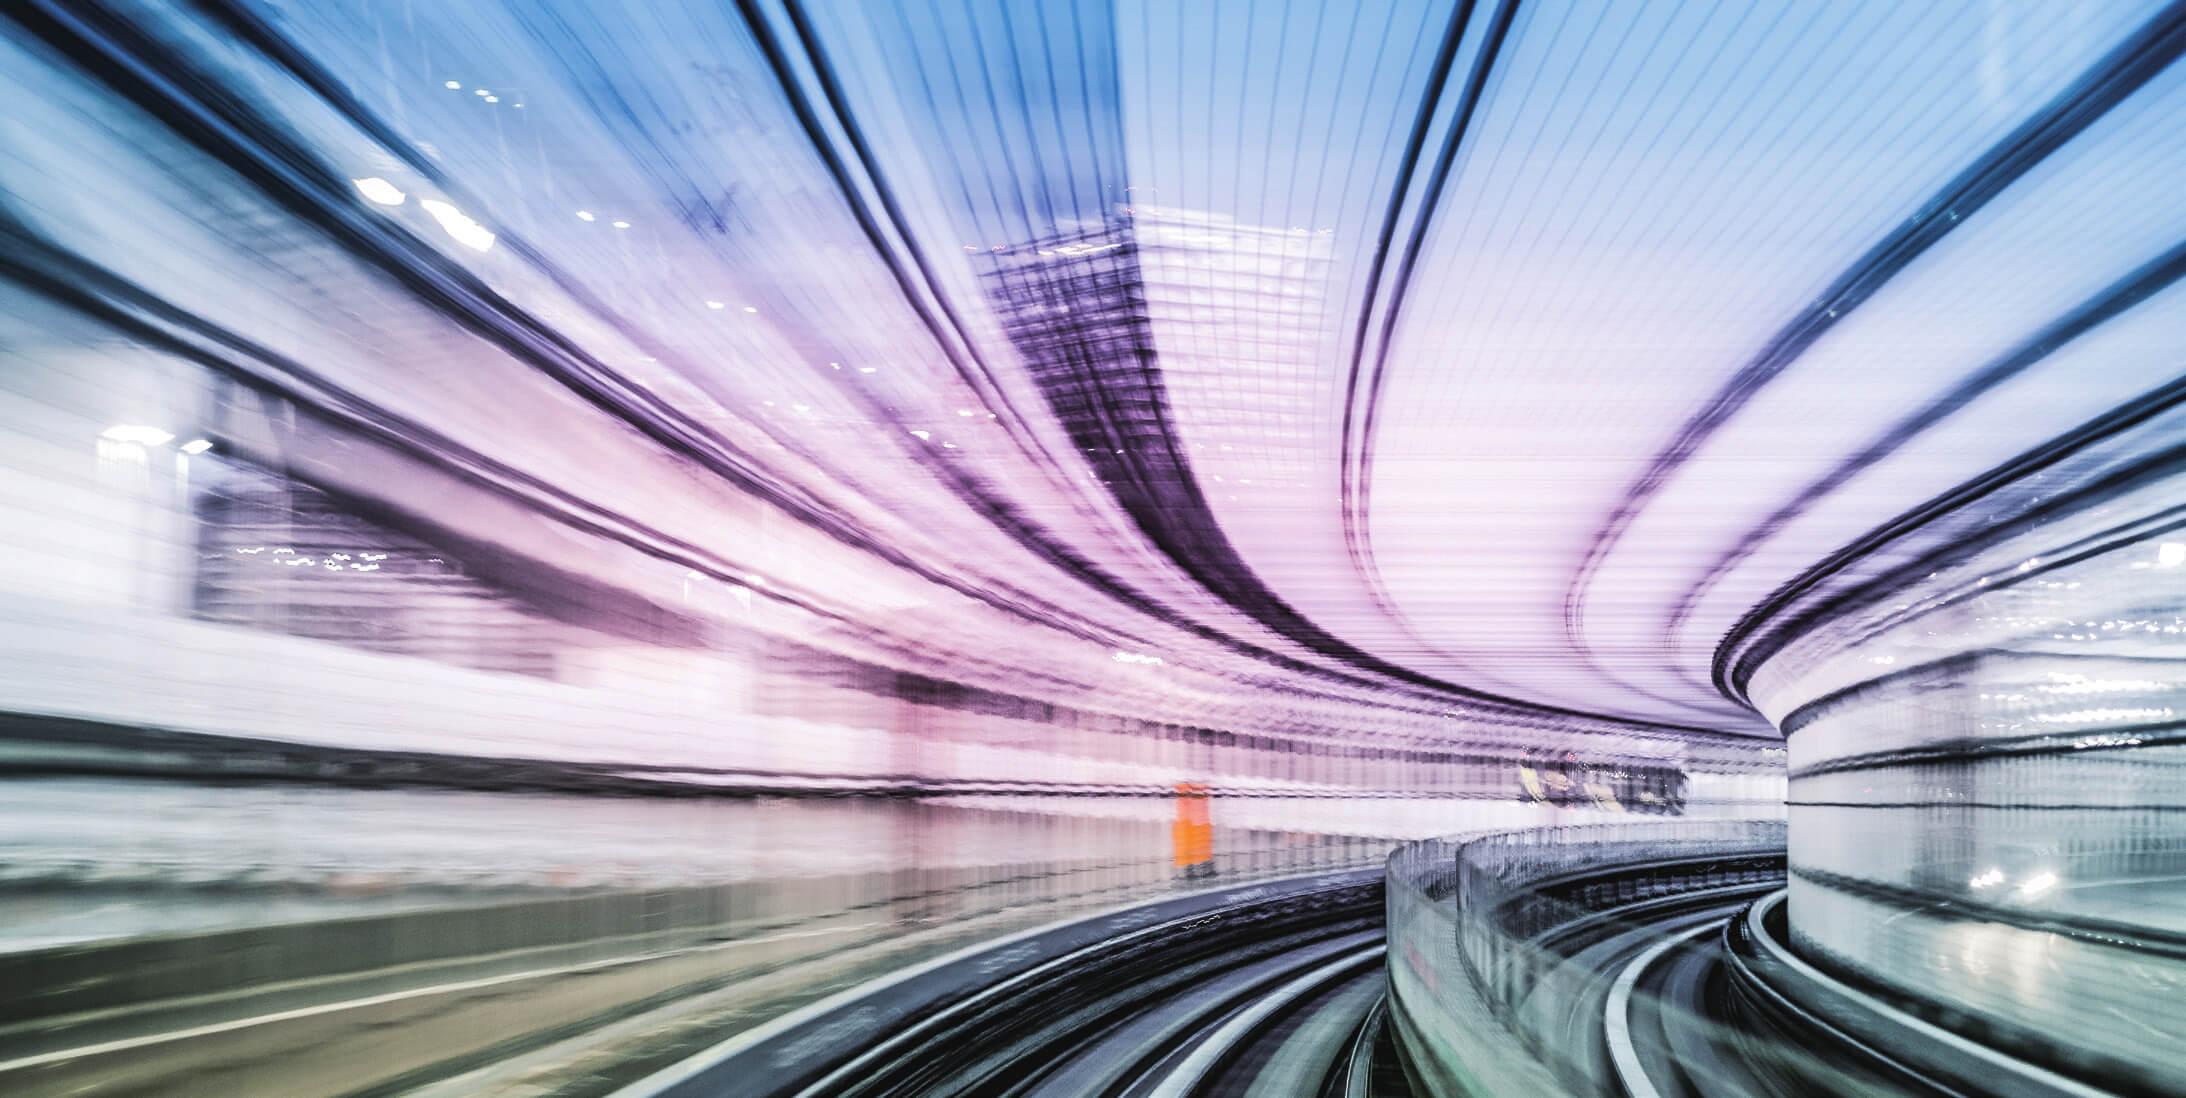 最強のデータ経営:ビジネスユーザーとAIの協働でデータ活用は新たなステージへ